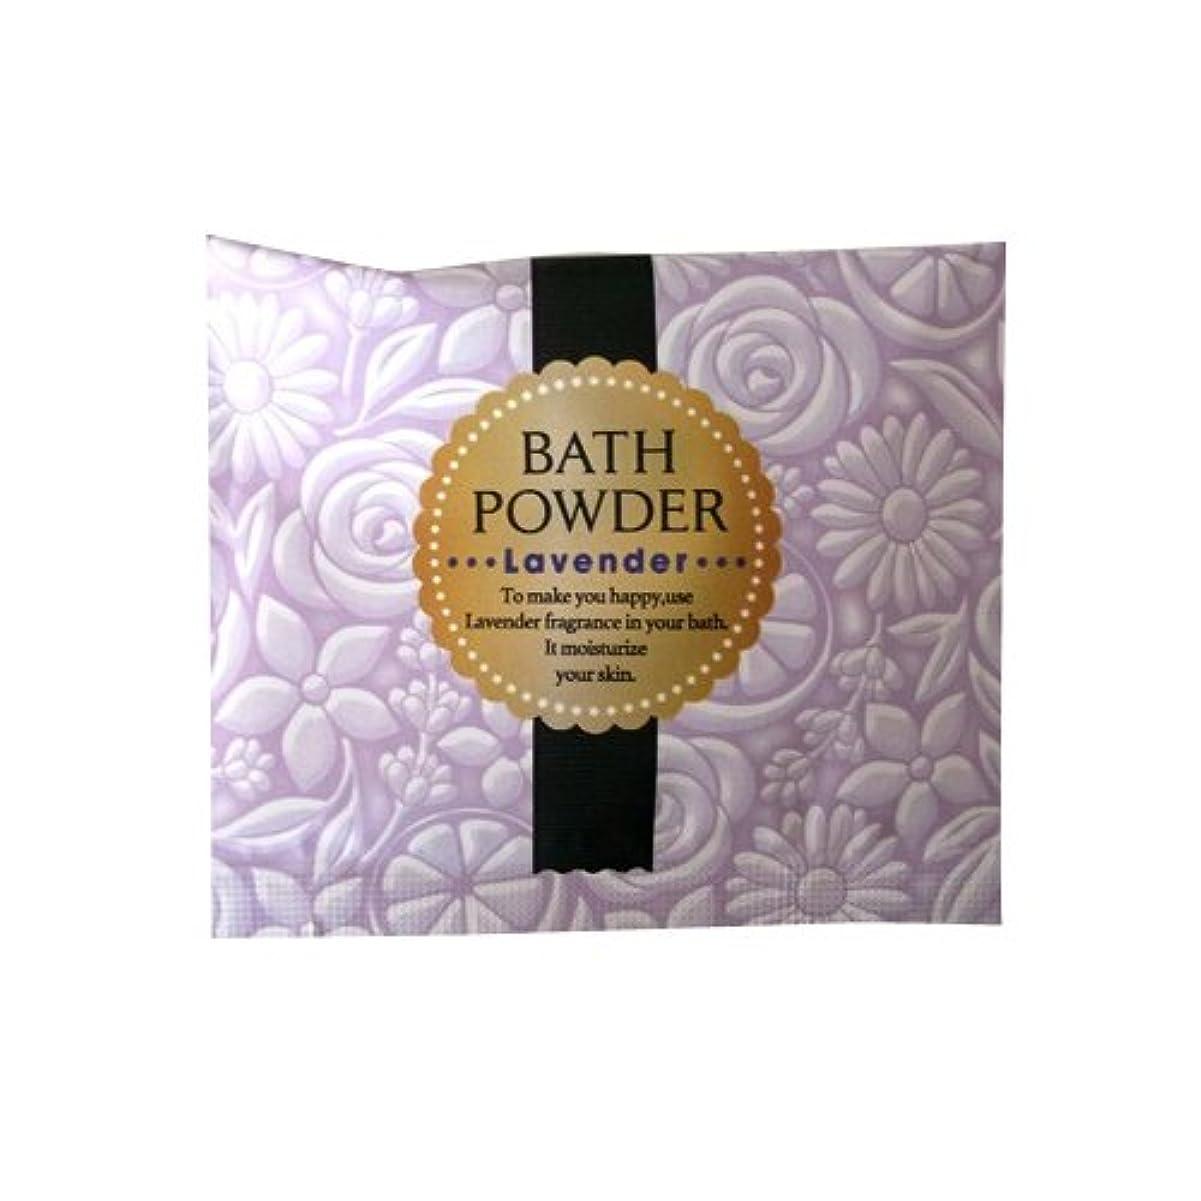 人工的なコンテストスタック入浴剤 LUCKY BATH (ラッキーバス) 25g ラベンダーの香り